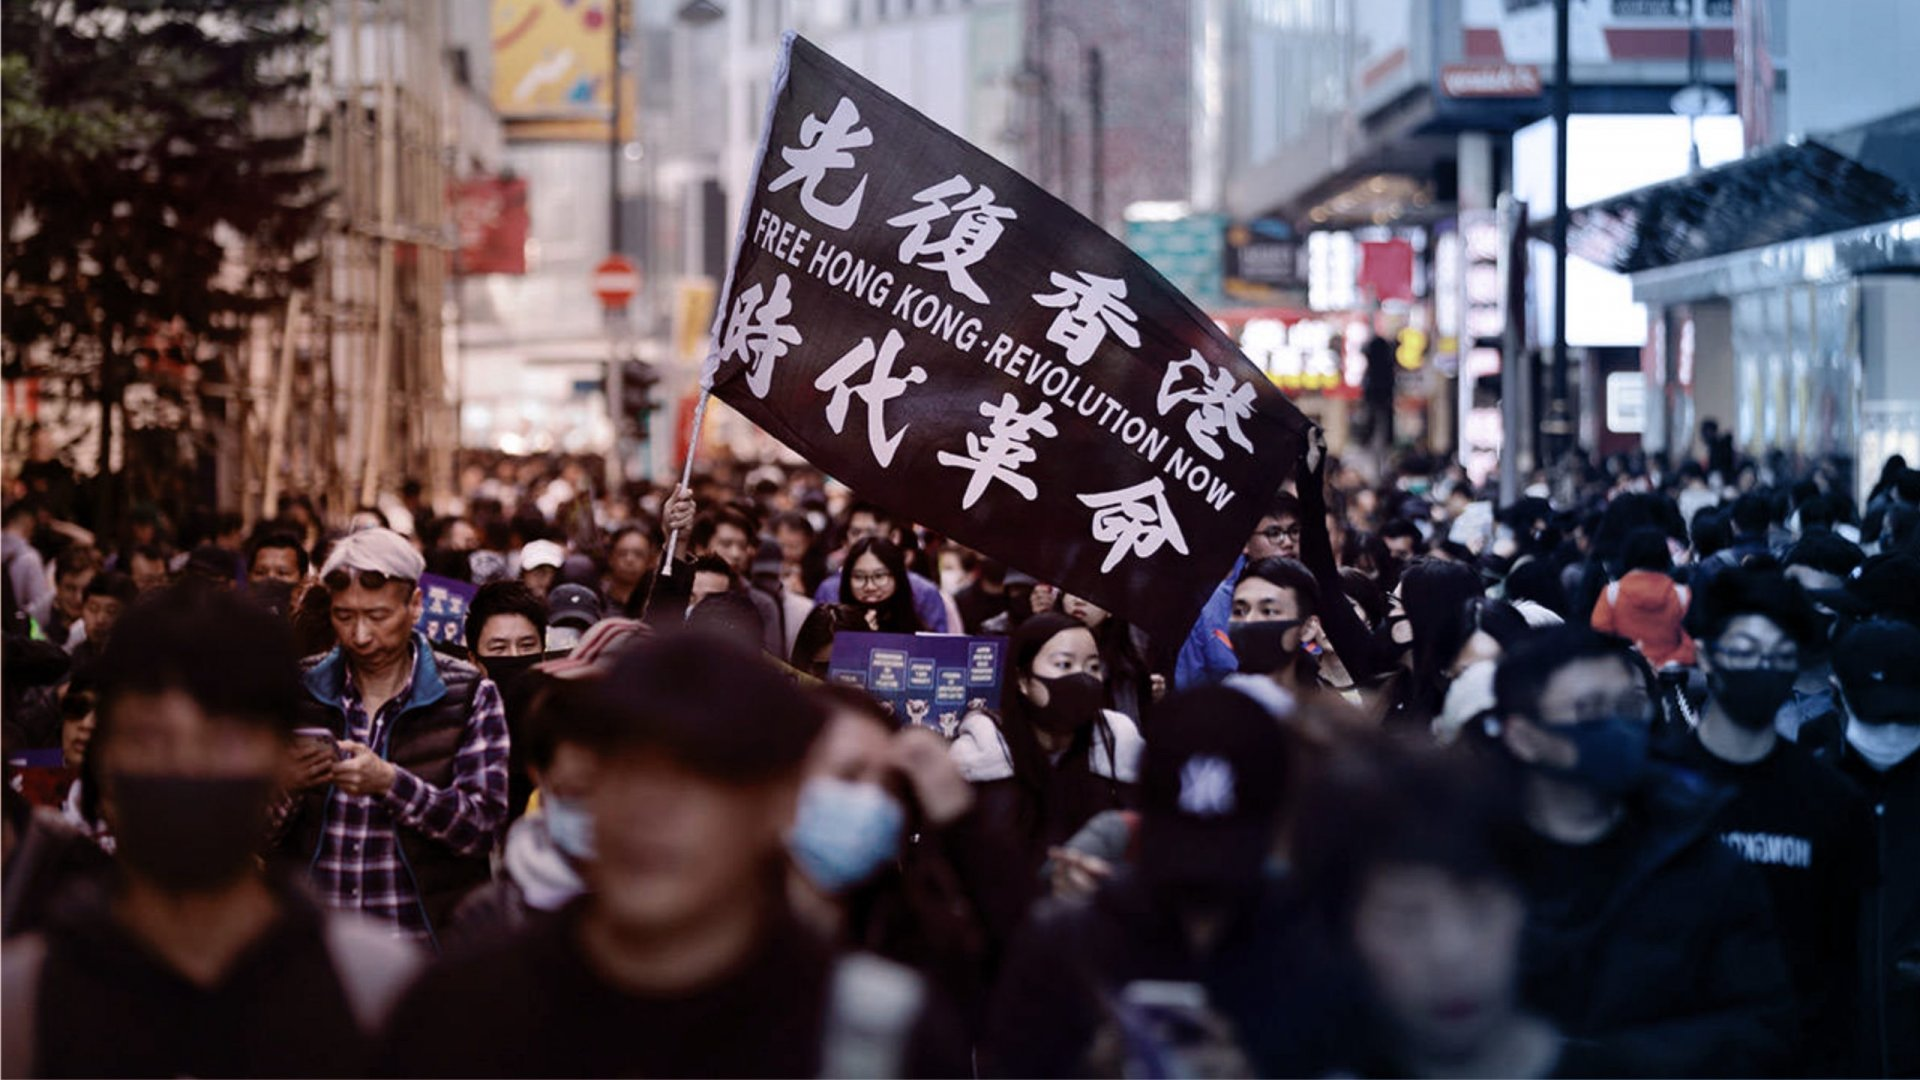 Хонконгт удирдагч Кэрри Ламыг огцрохыг шаардсан жагсаал зохион байгуулагдлаа